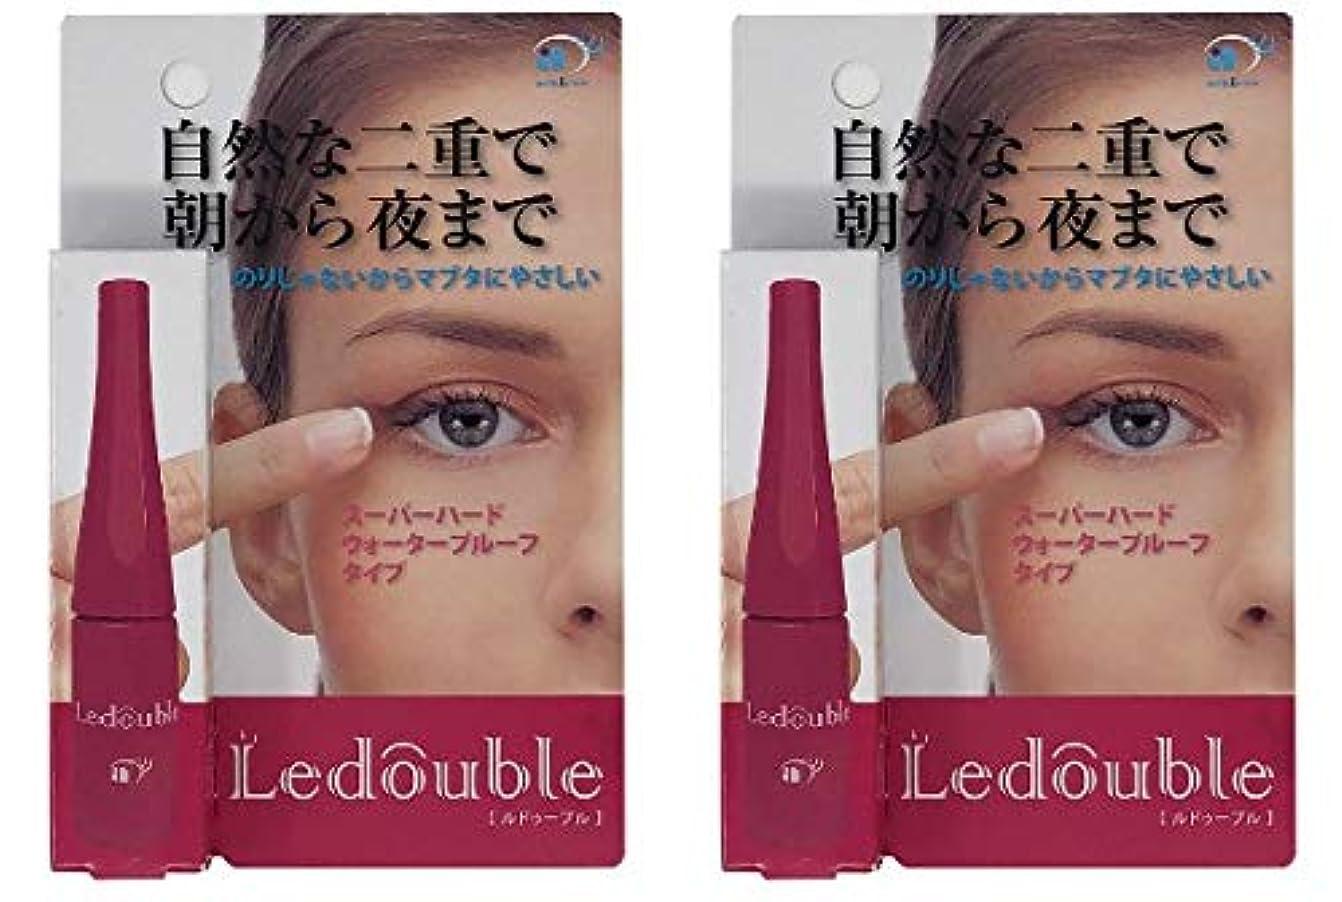 切り下げアジア氷Ledouble [ルドゥーブル] 二重まぶた化粧品 (4mL)×2個セット